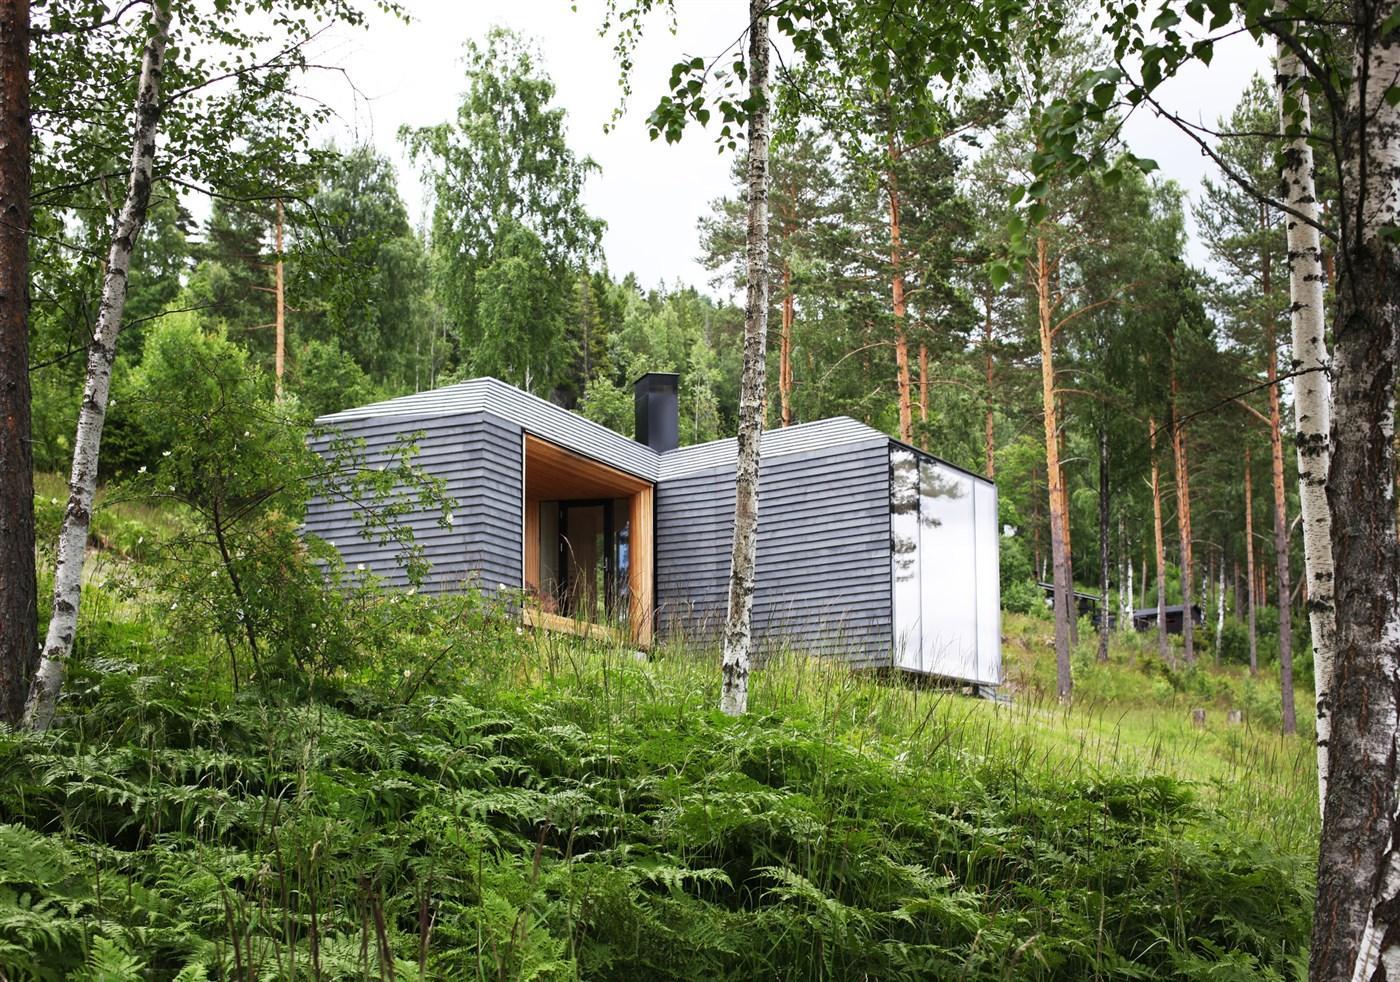 Cabin Norderhov by Atelier Oslo | Photo © Atelier Oslo